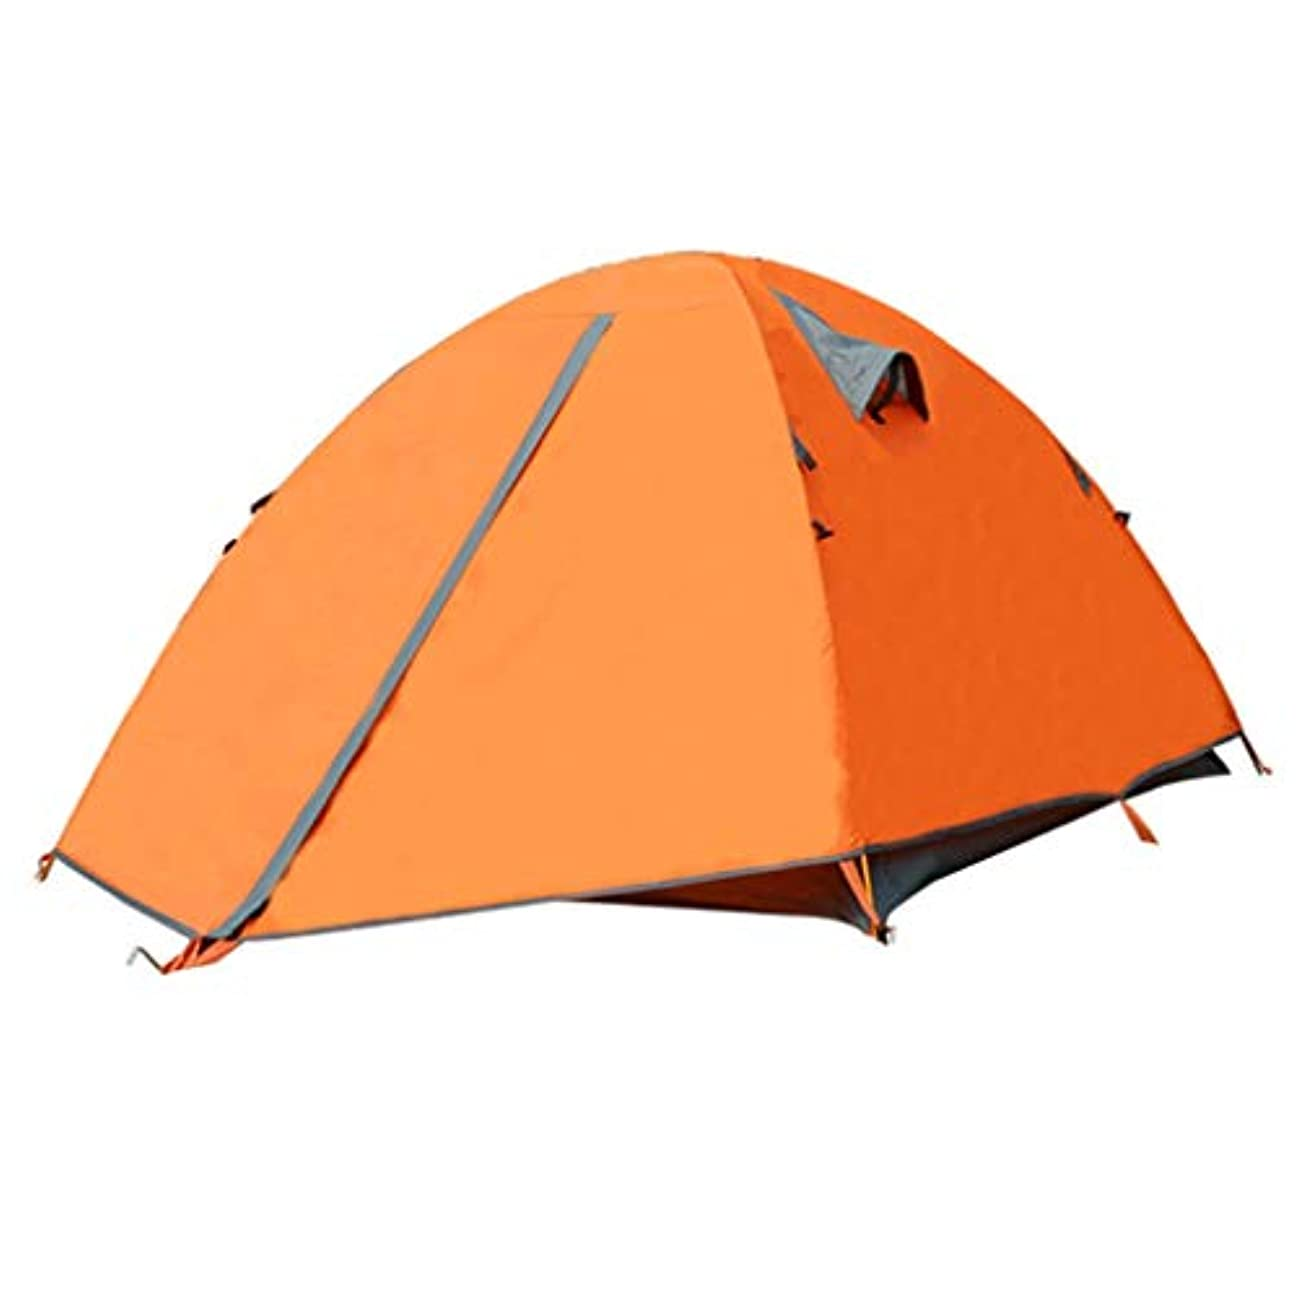 保全支払いオリエンテーションYONGFEIhun テント、アウトドアキャンプキャンプマウンテンテント、アルミポールダブル防雨テント大スペースダブルオレンジ